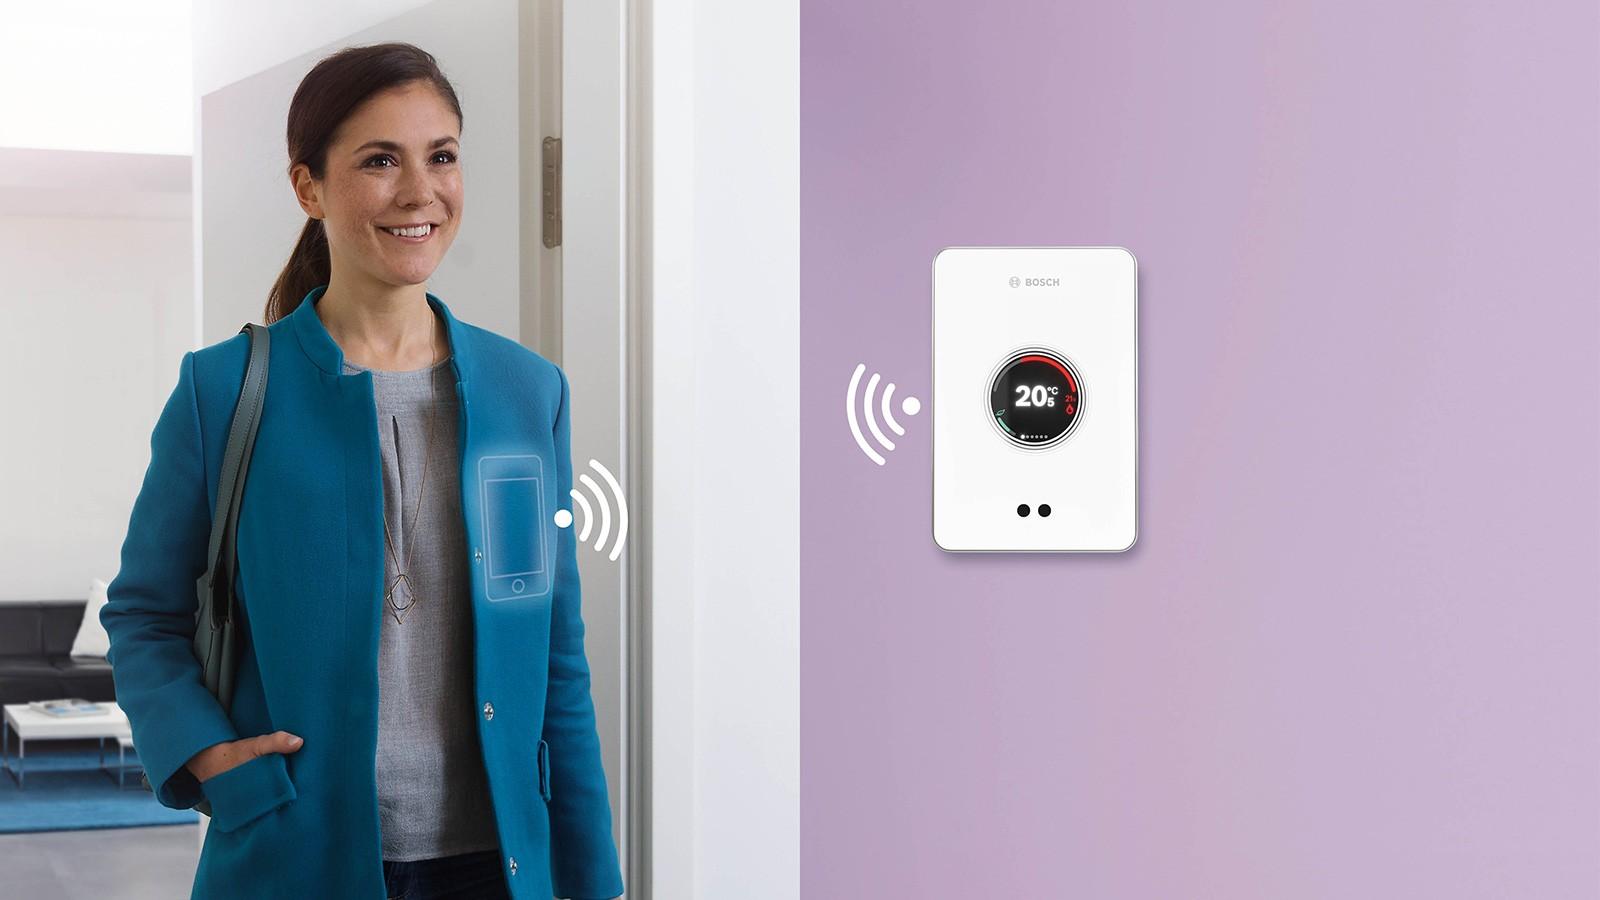 Termostato digitale intelligente EasyControl di Bosch, facilmente installato in una casa per avere maggiore comfort e risparmio energetico in ogni stanza